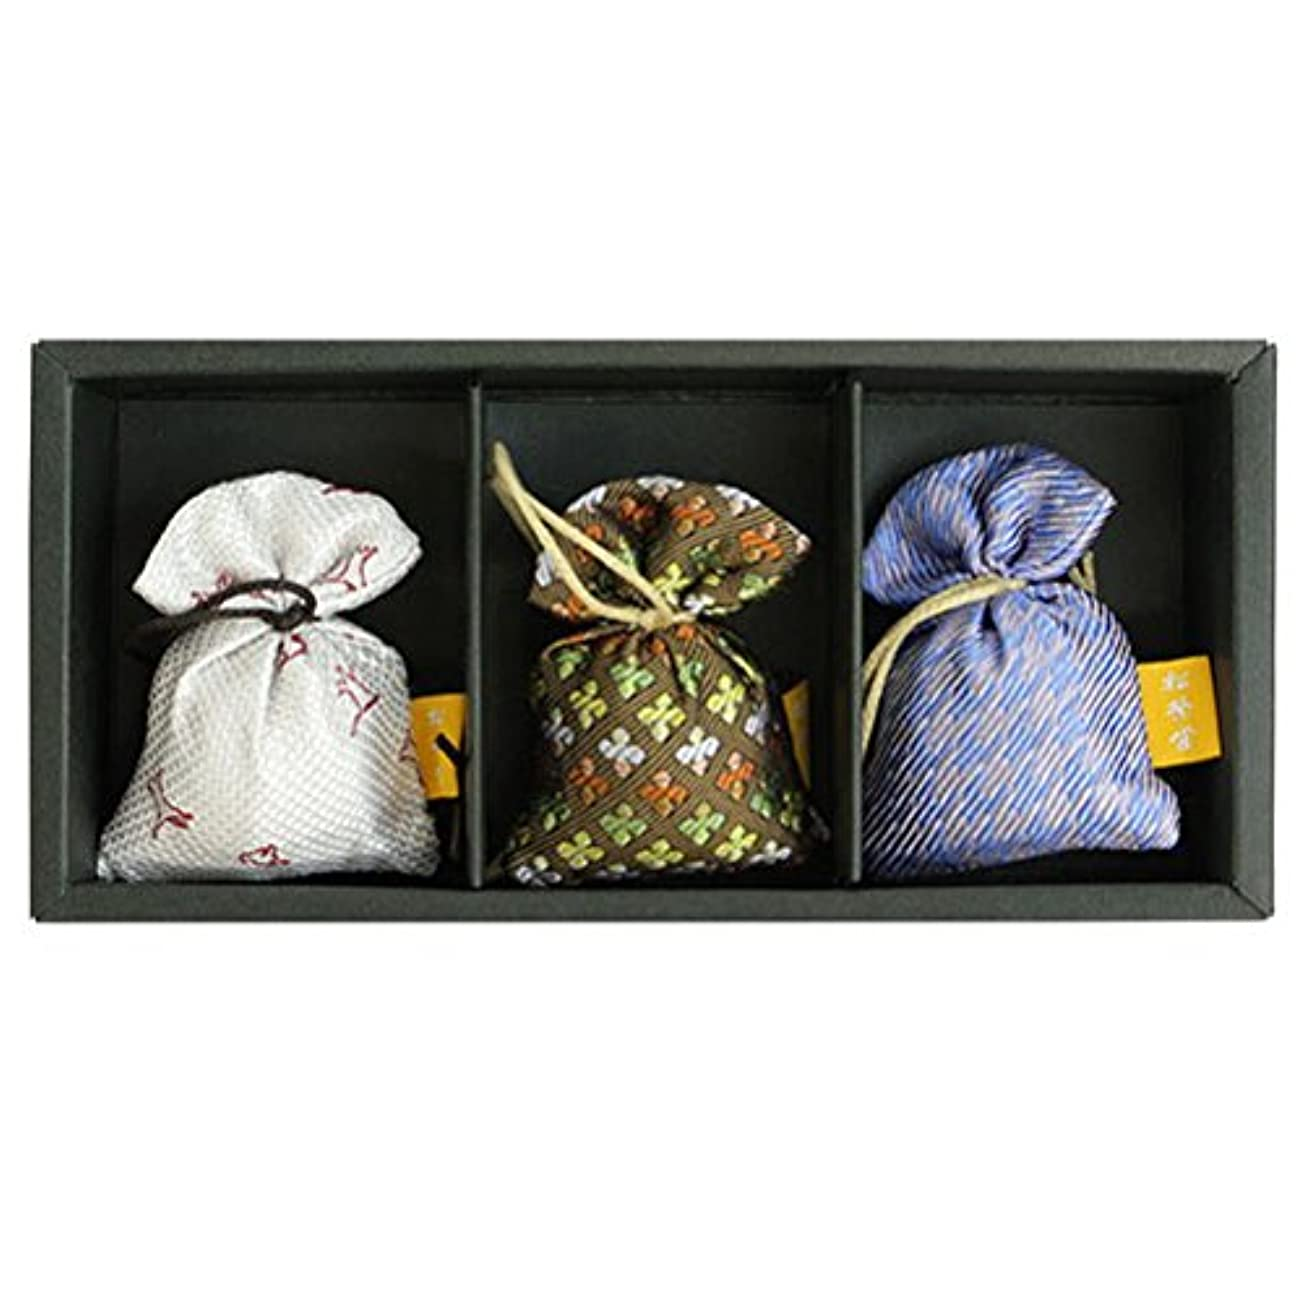 バルクオーク廃止する匂い袋 誰が袖 薫 かおる 3個入 松栄堂 Shoyeido 本体長さ60mm (色?柄は選べません)